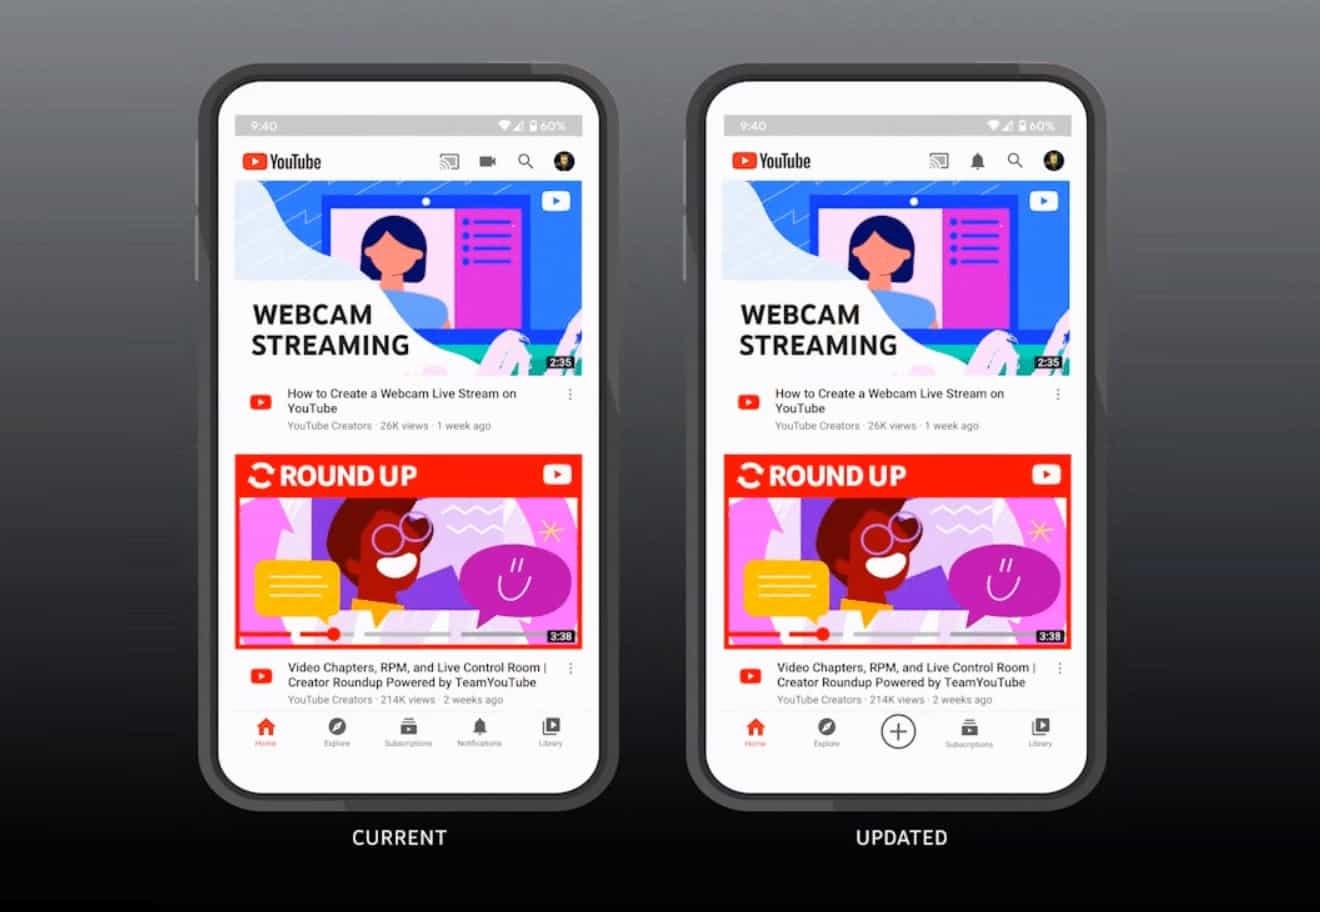 تصميم جديد لتطبيق يوتيوب يشجع على إنشاء مقاطع الفيديو